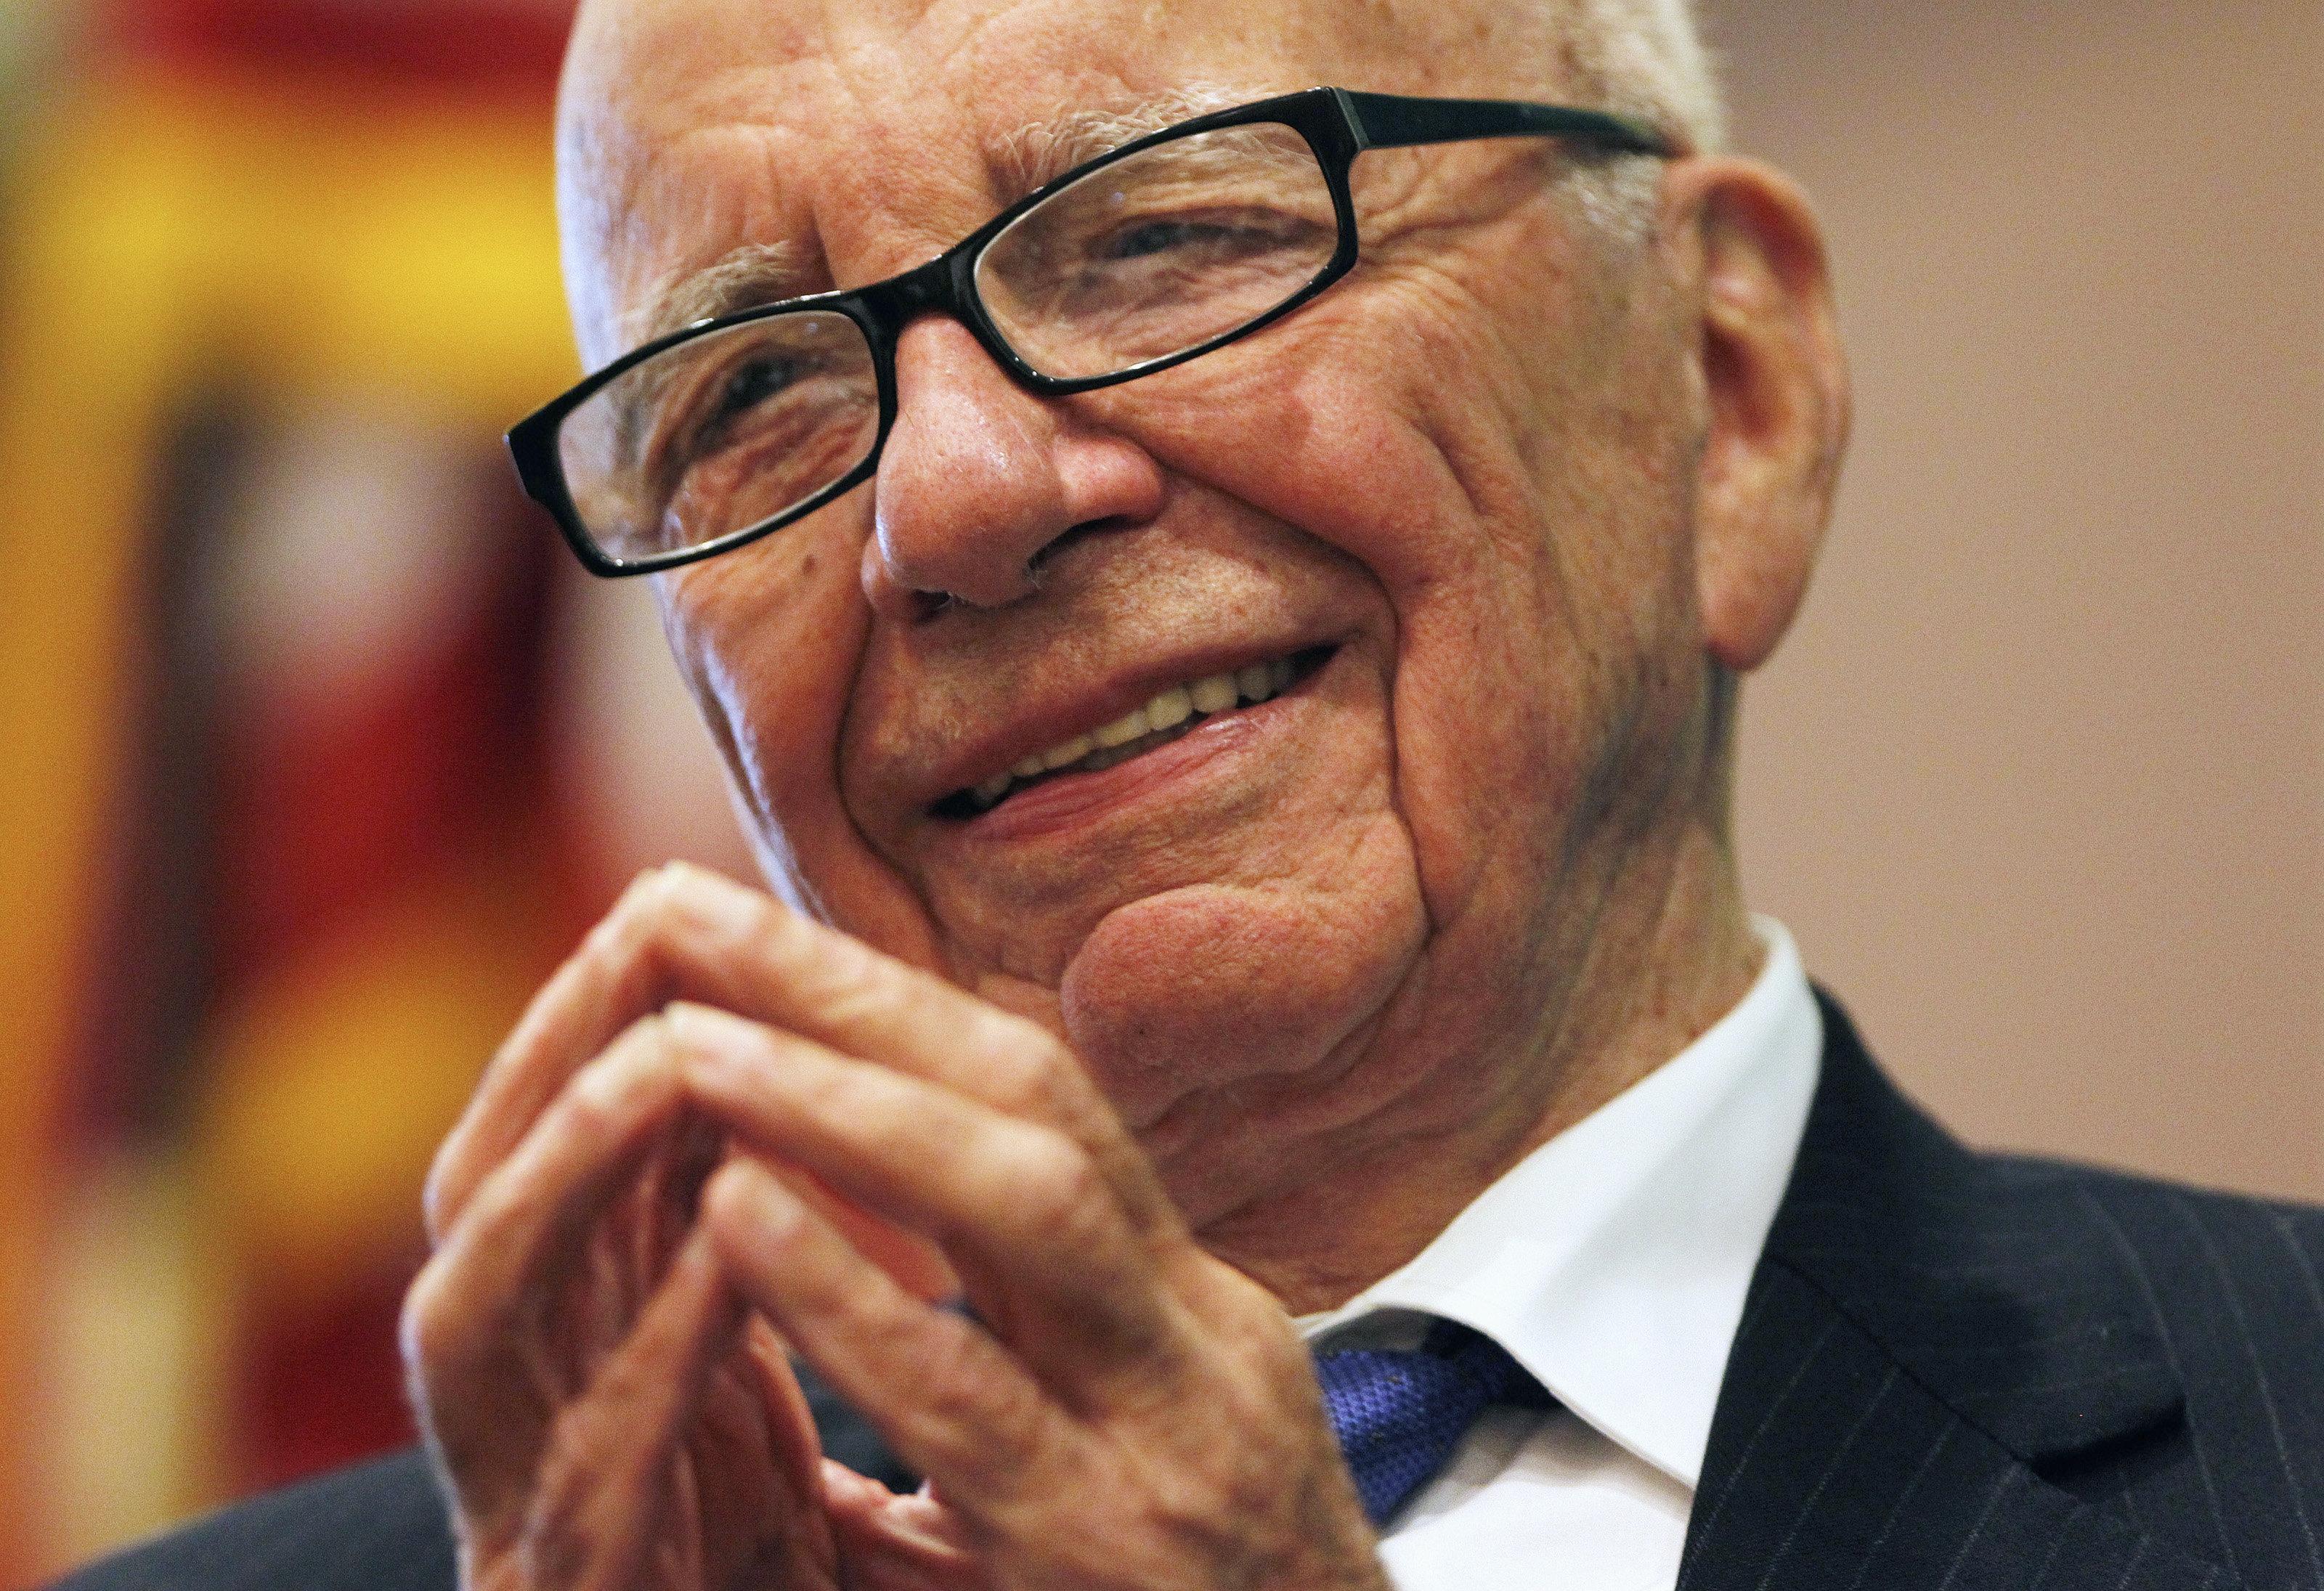 Fox News Women Furious Over Rupert Murdoch Comments On Sexual